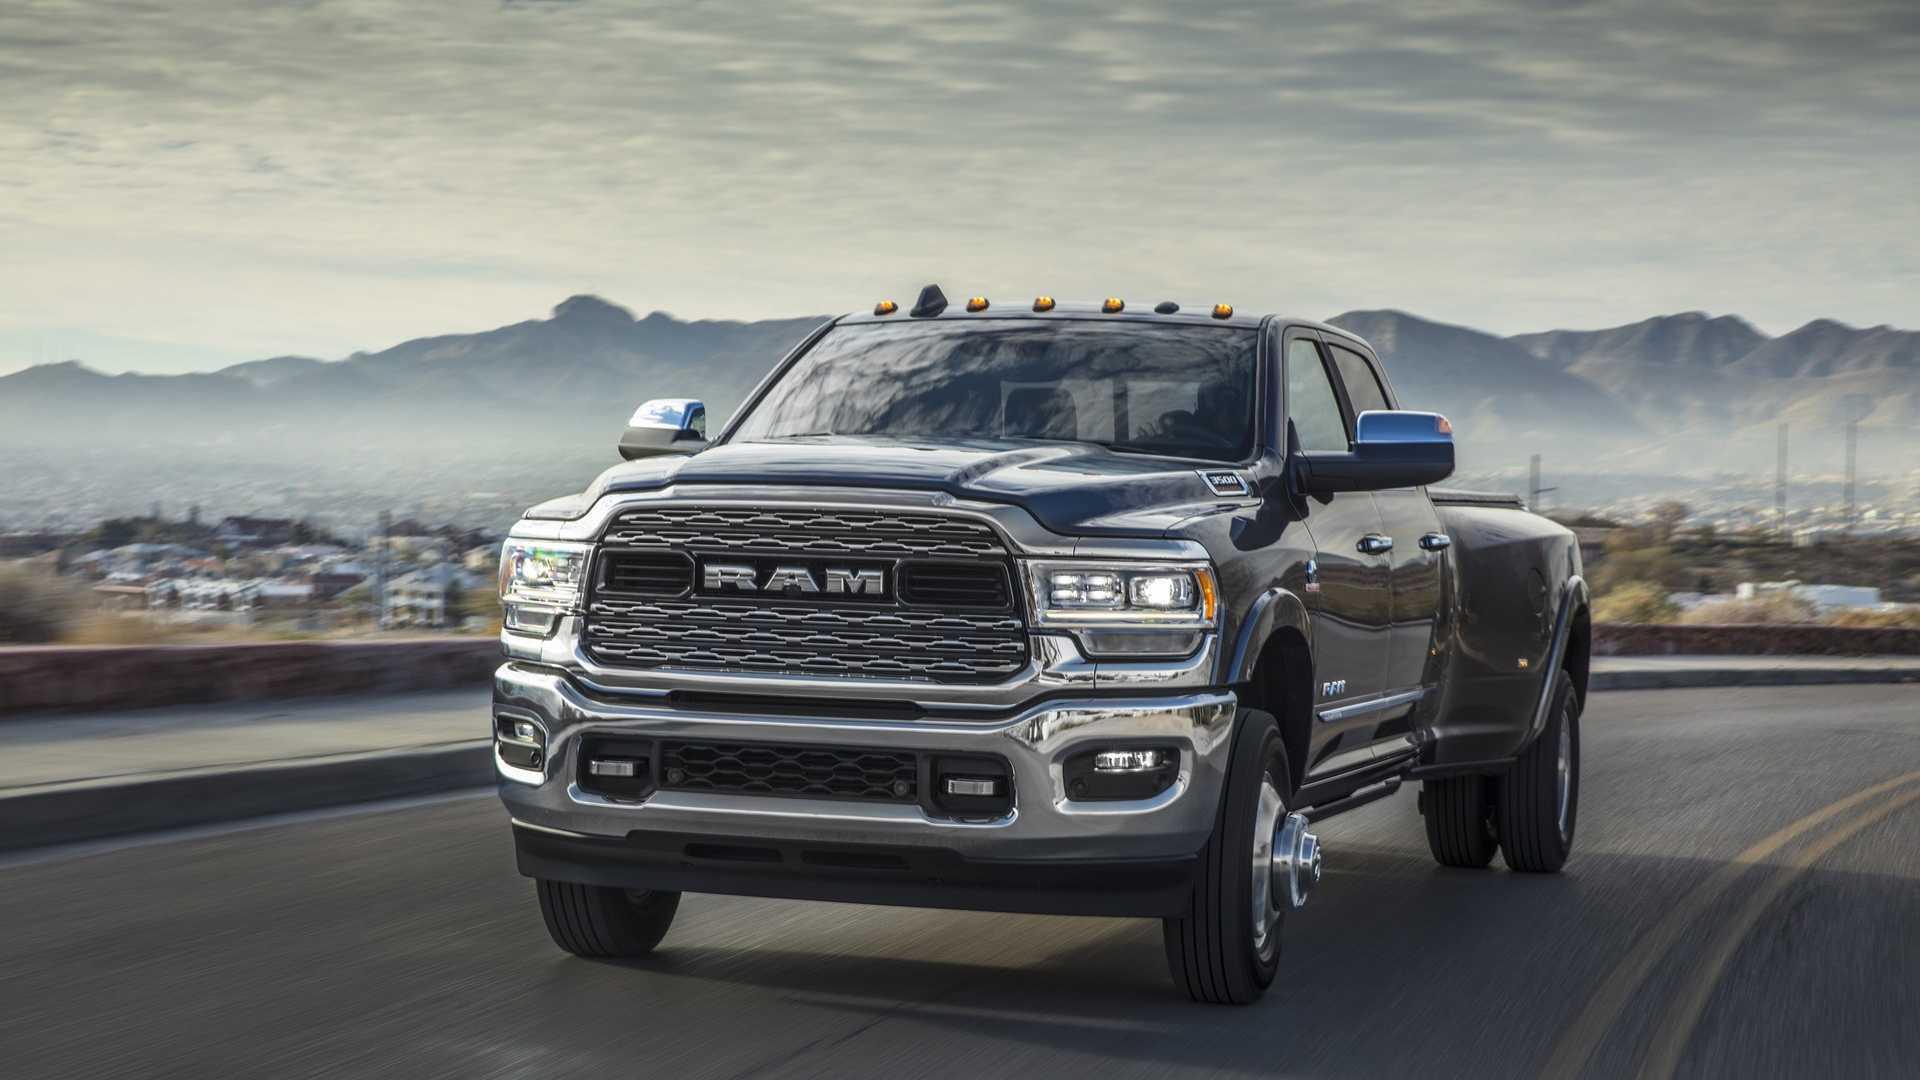 2019-ram-heavy-duty-exterior (24)